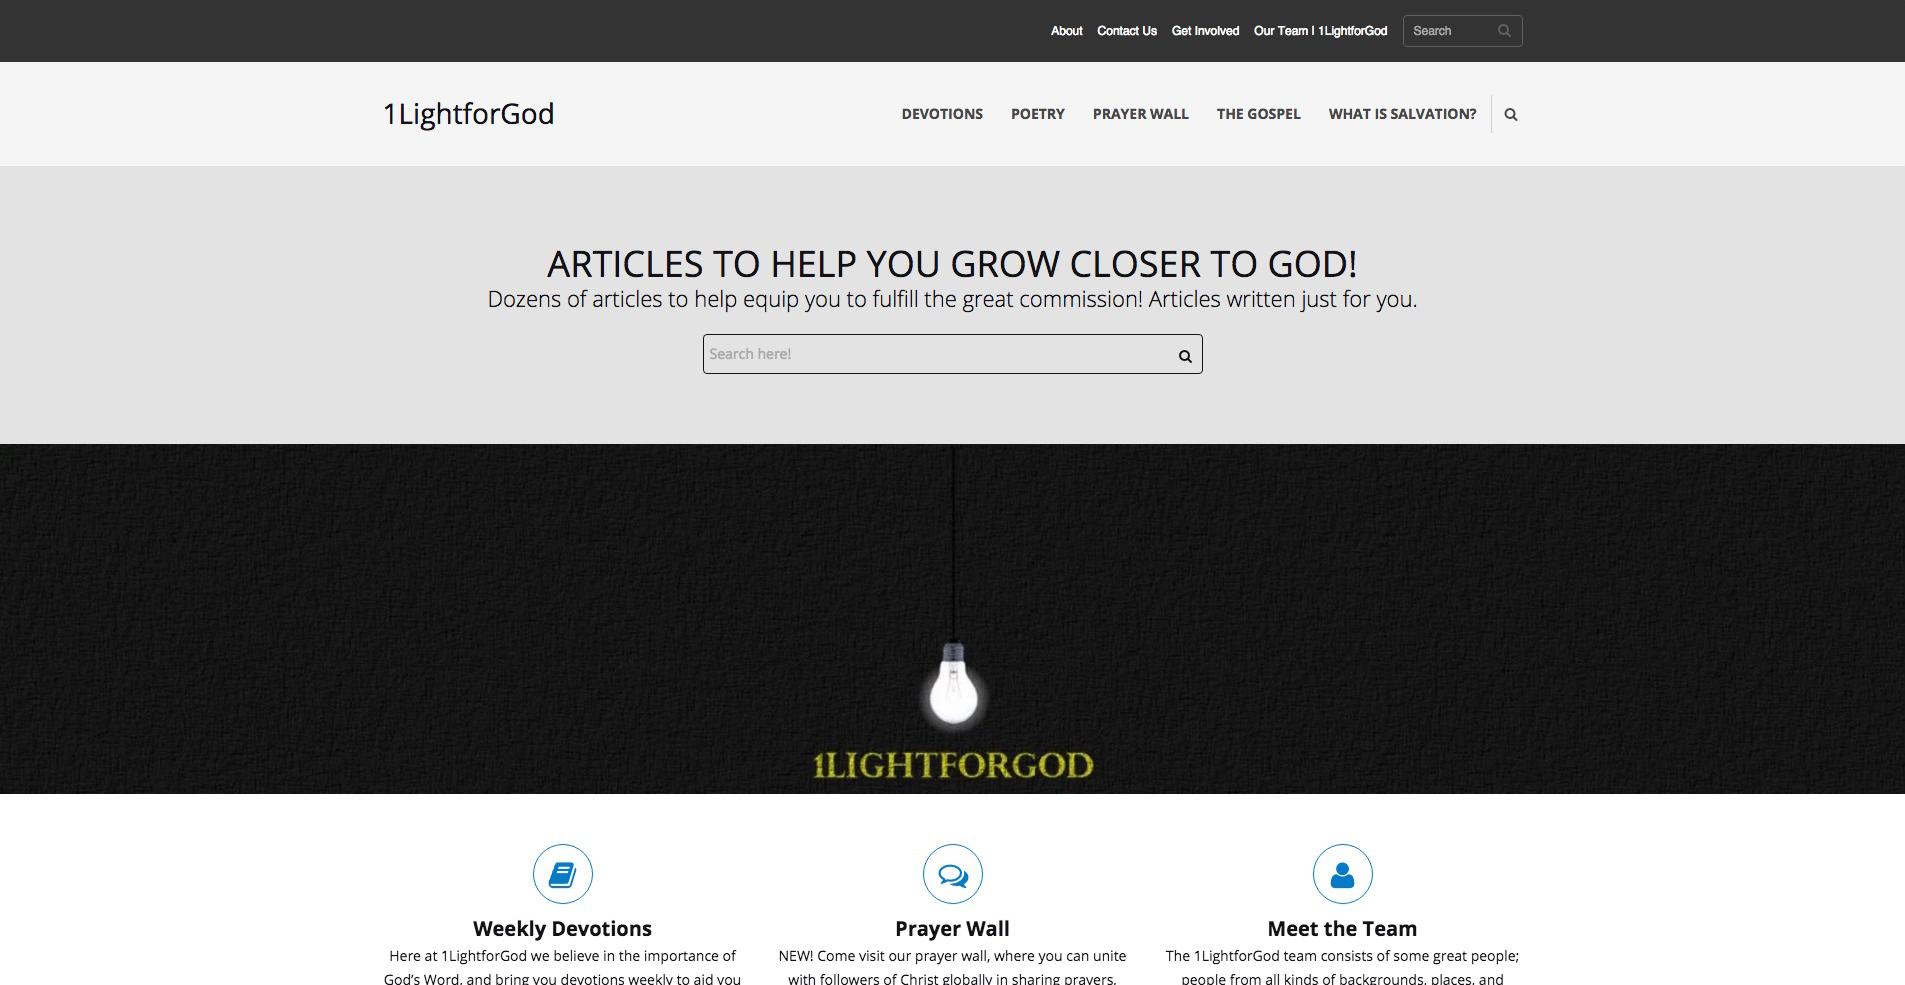 A Website for 1LightforGod